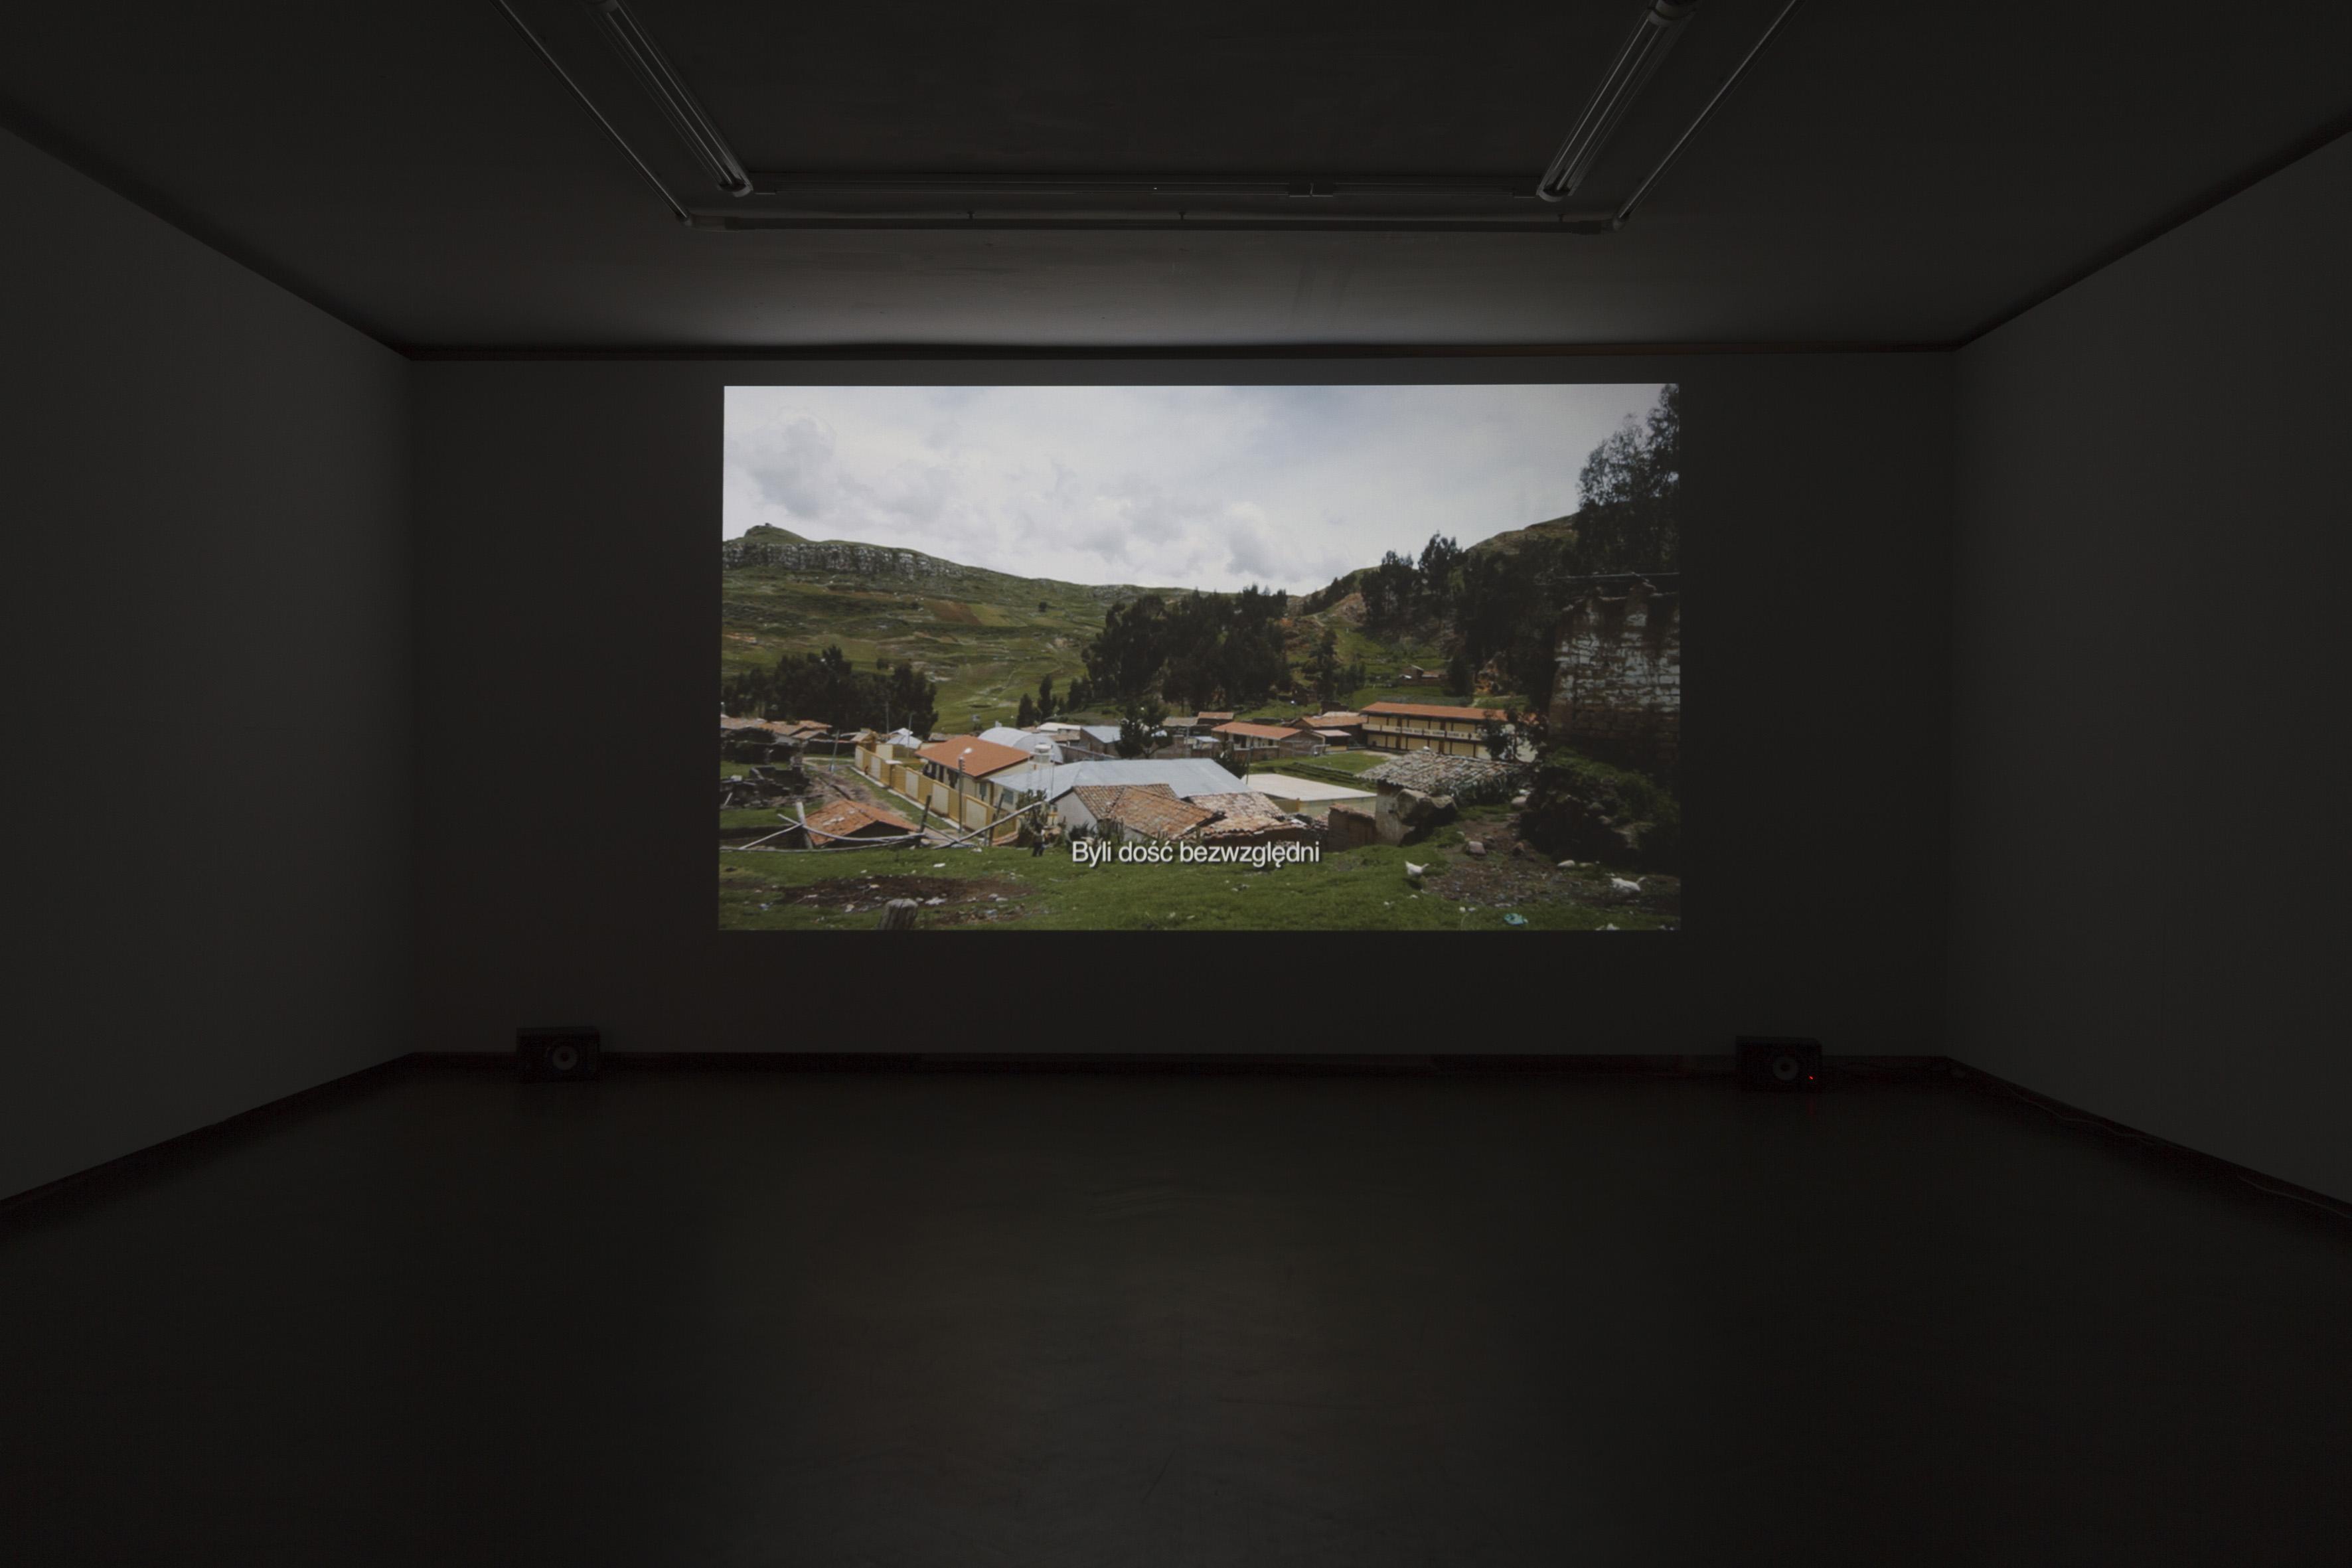 Corin Sworn, Czas lisów, widok wystawy